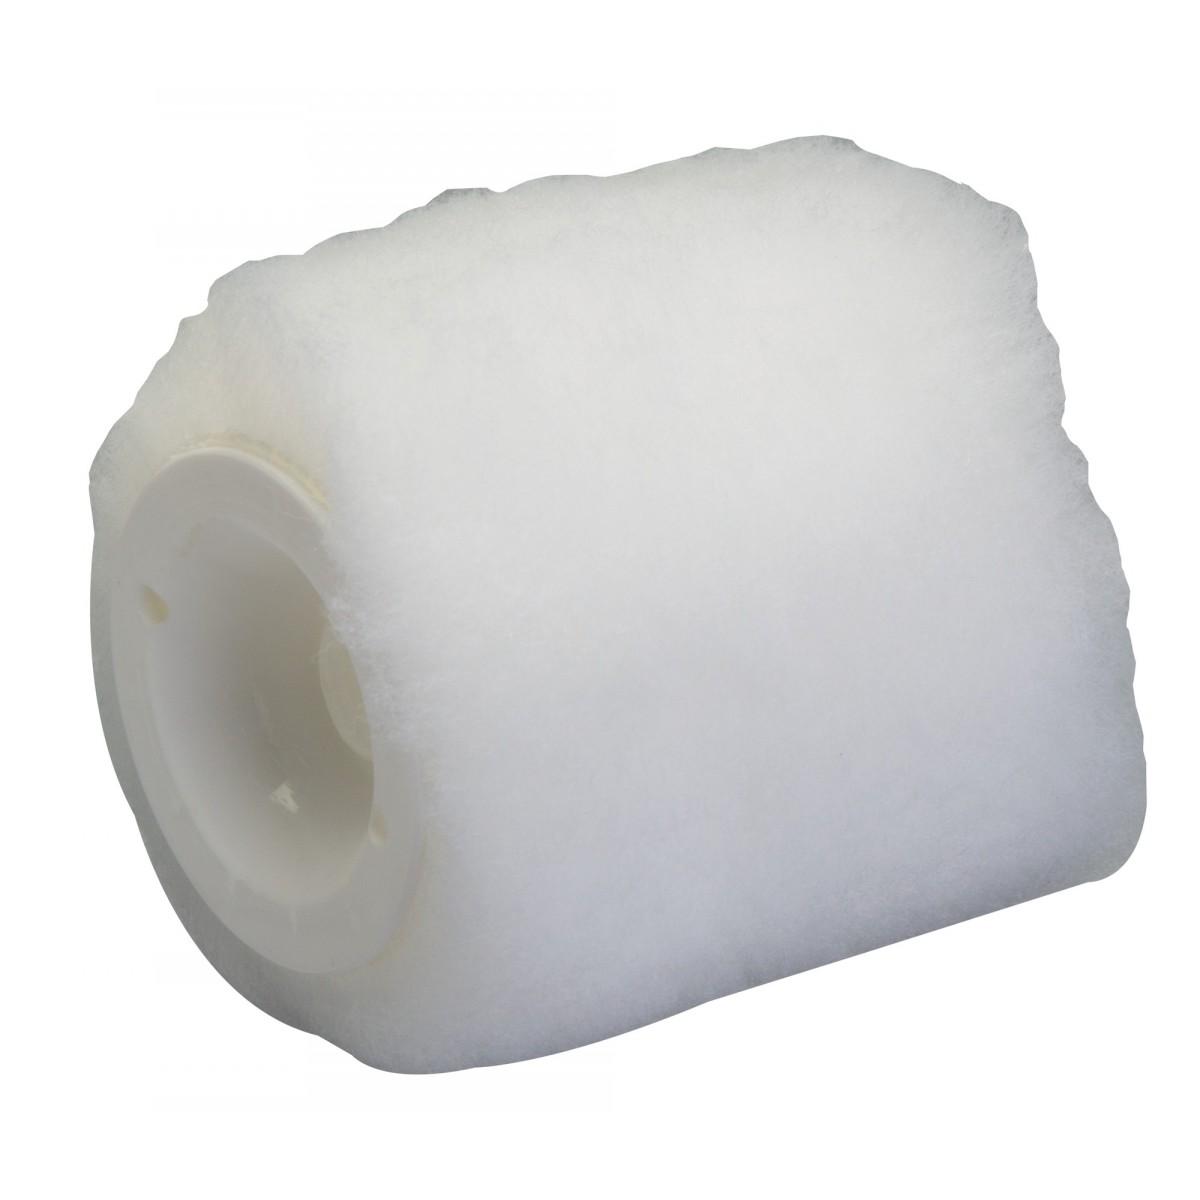 Manchon pour rouleau fibres courtes petites surfaces Nespoli - Longueur 60 mm - Diamètre 40 mm